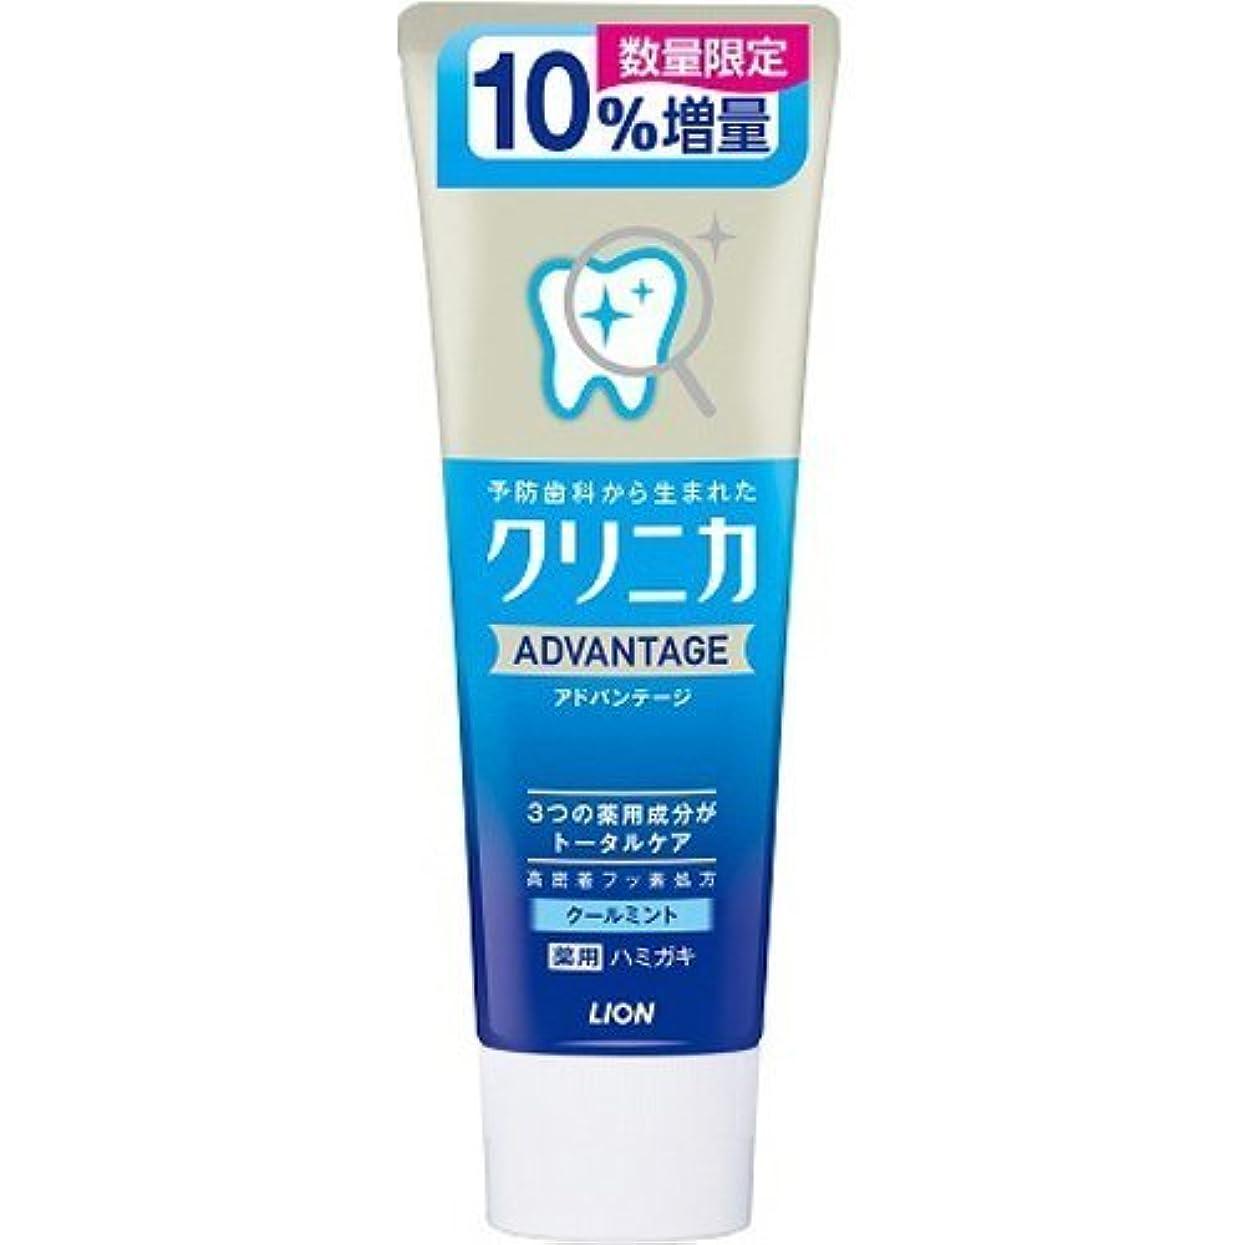 即席盗難固執【セット品】クリニカアドバンテージ歯磨クールミント10%増量×5個